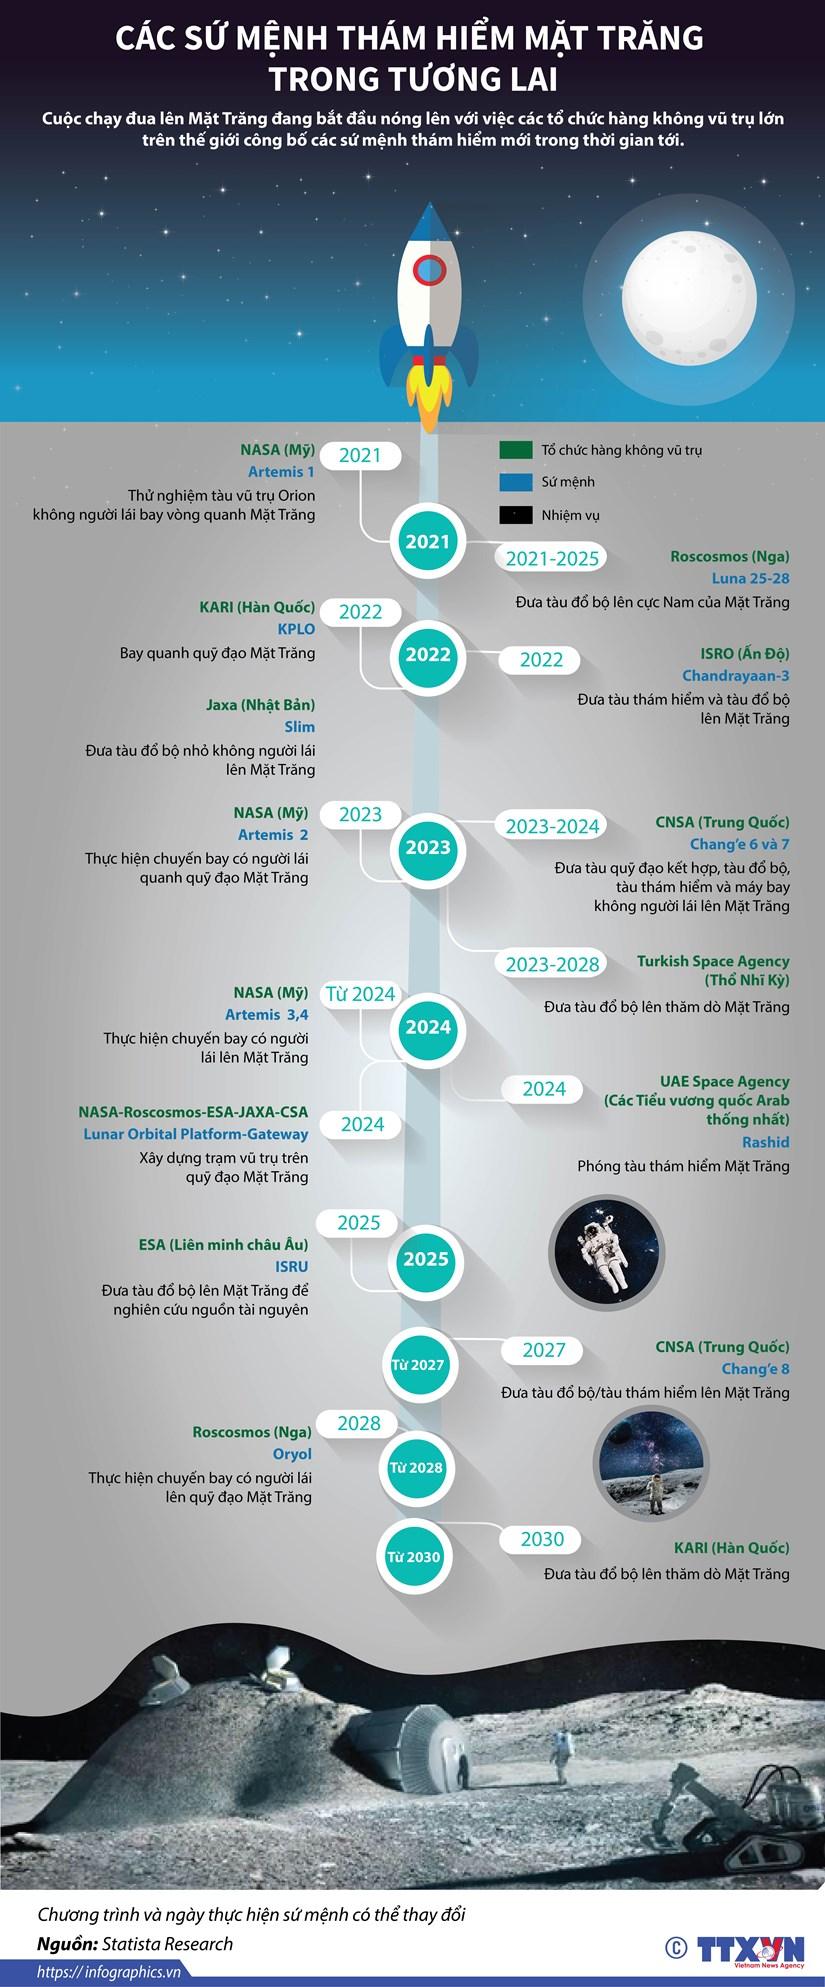 [Infographics] Cac su menh tham hiem Mat Trang trong tuong lai hinh anh 1